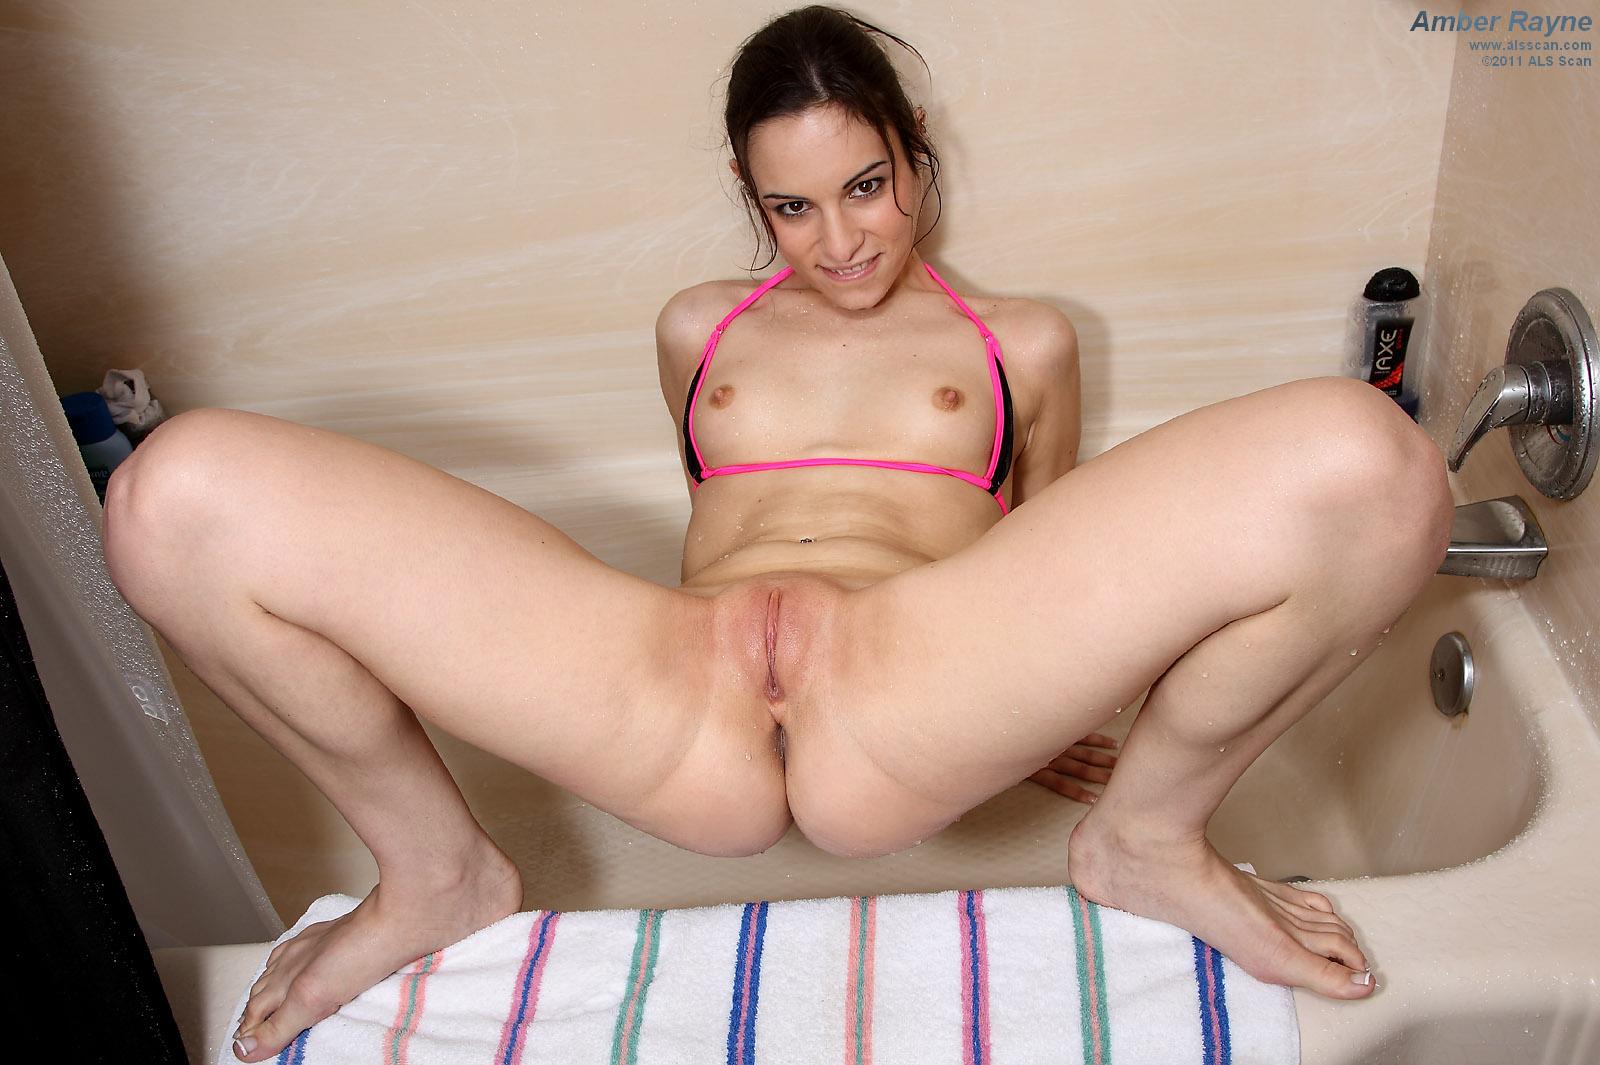 30 New Sex Pics Adrienne bailon nude photo shown